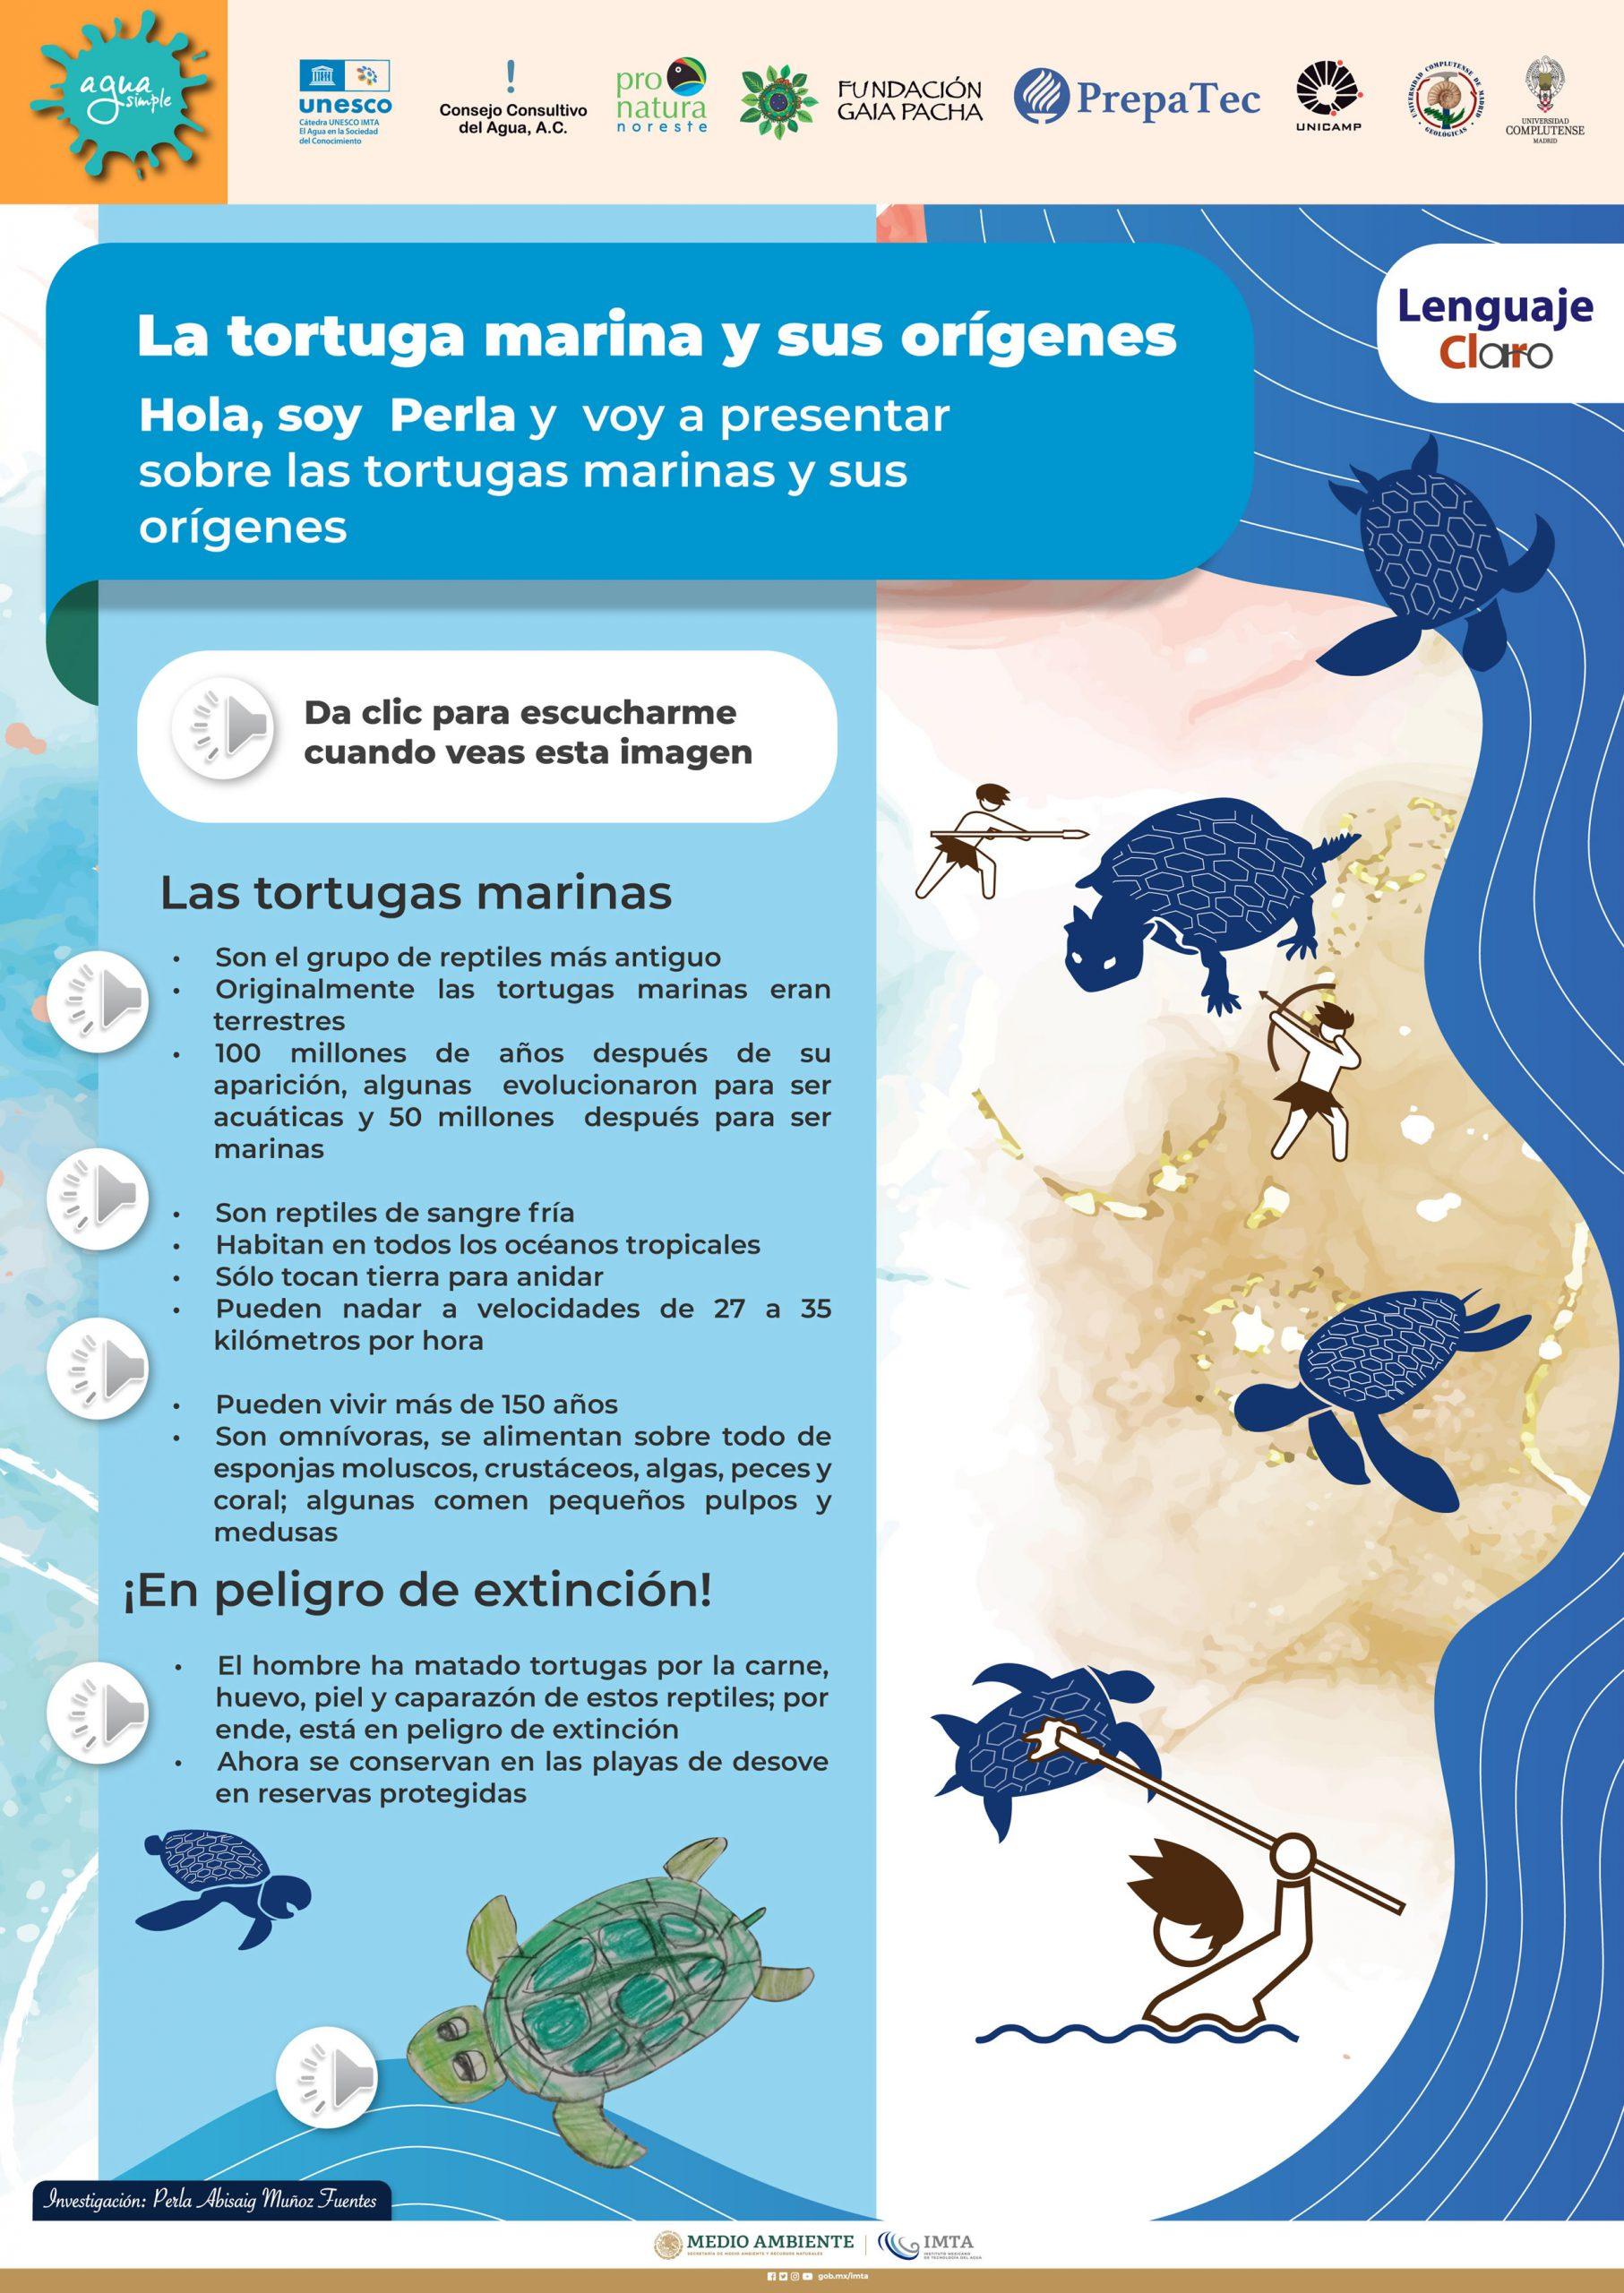 La tortuga marina y sus orígenes